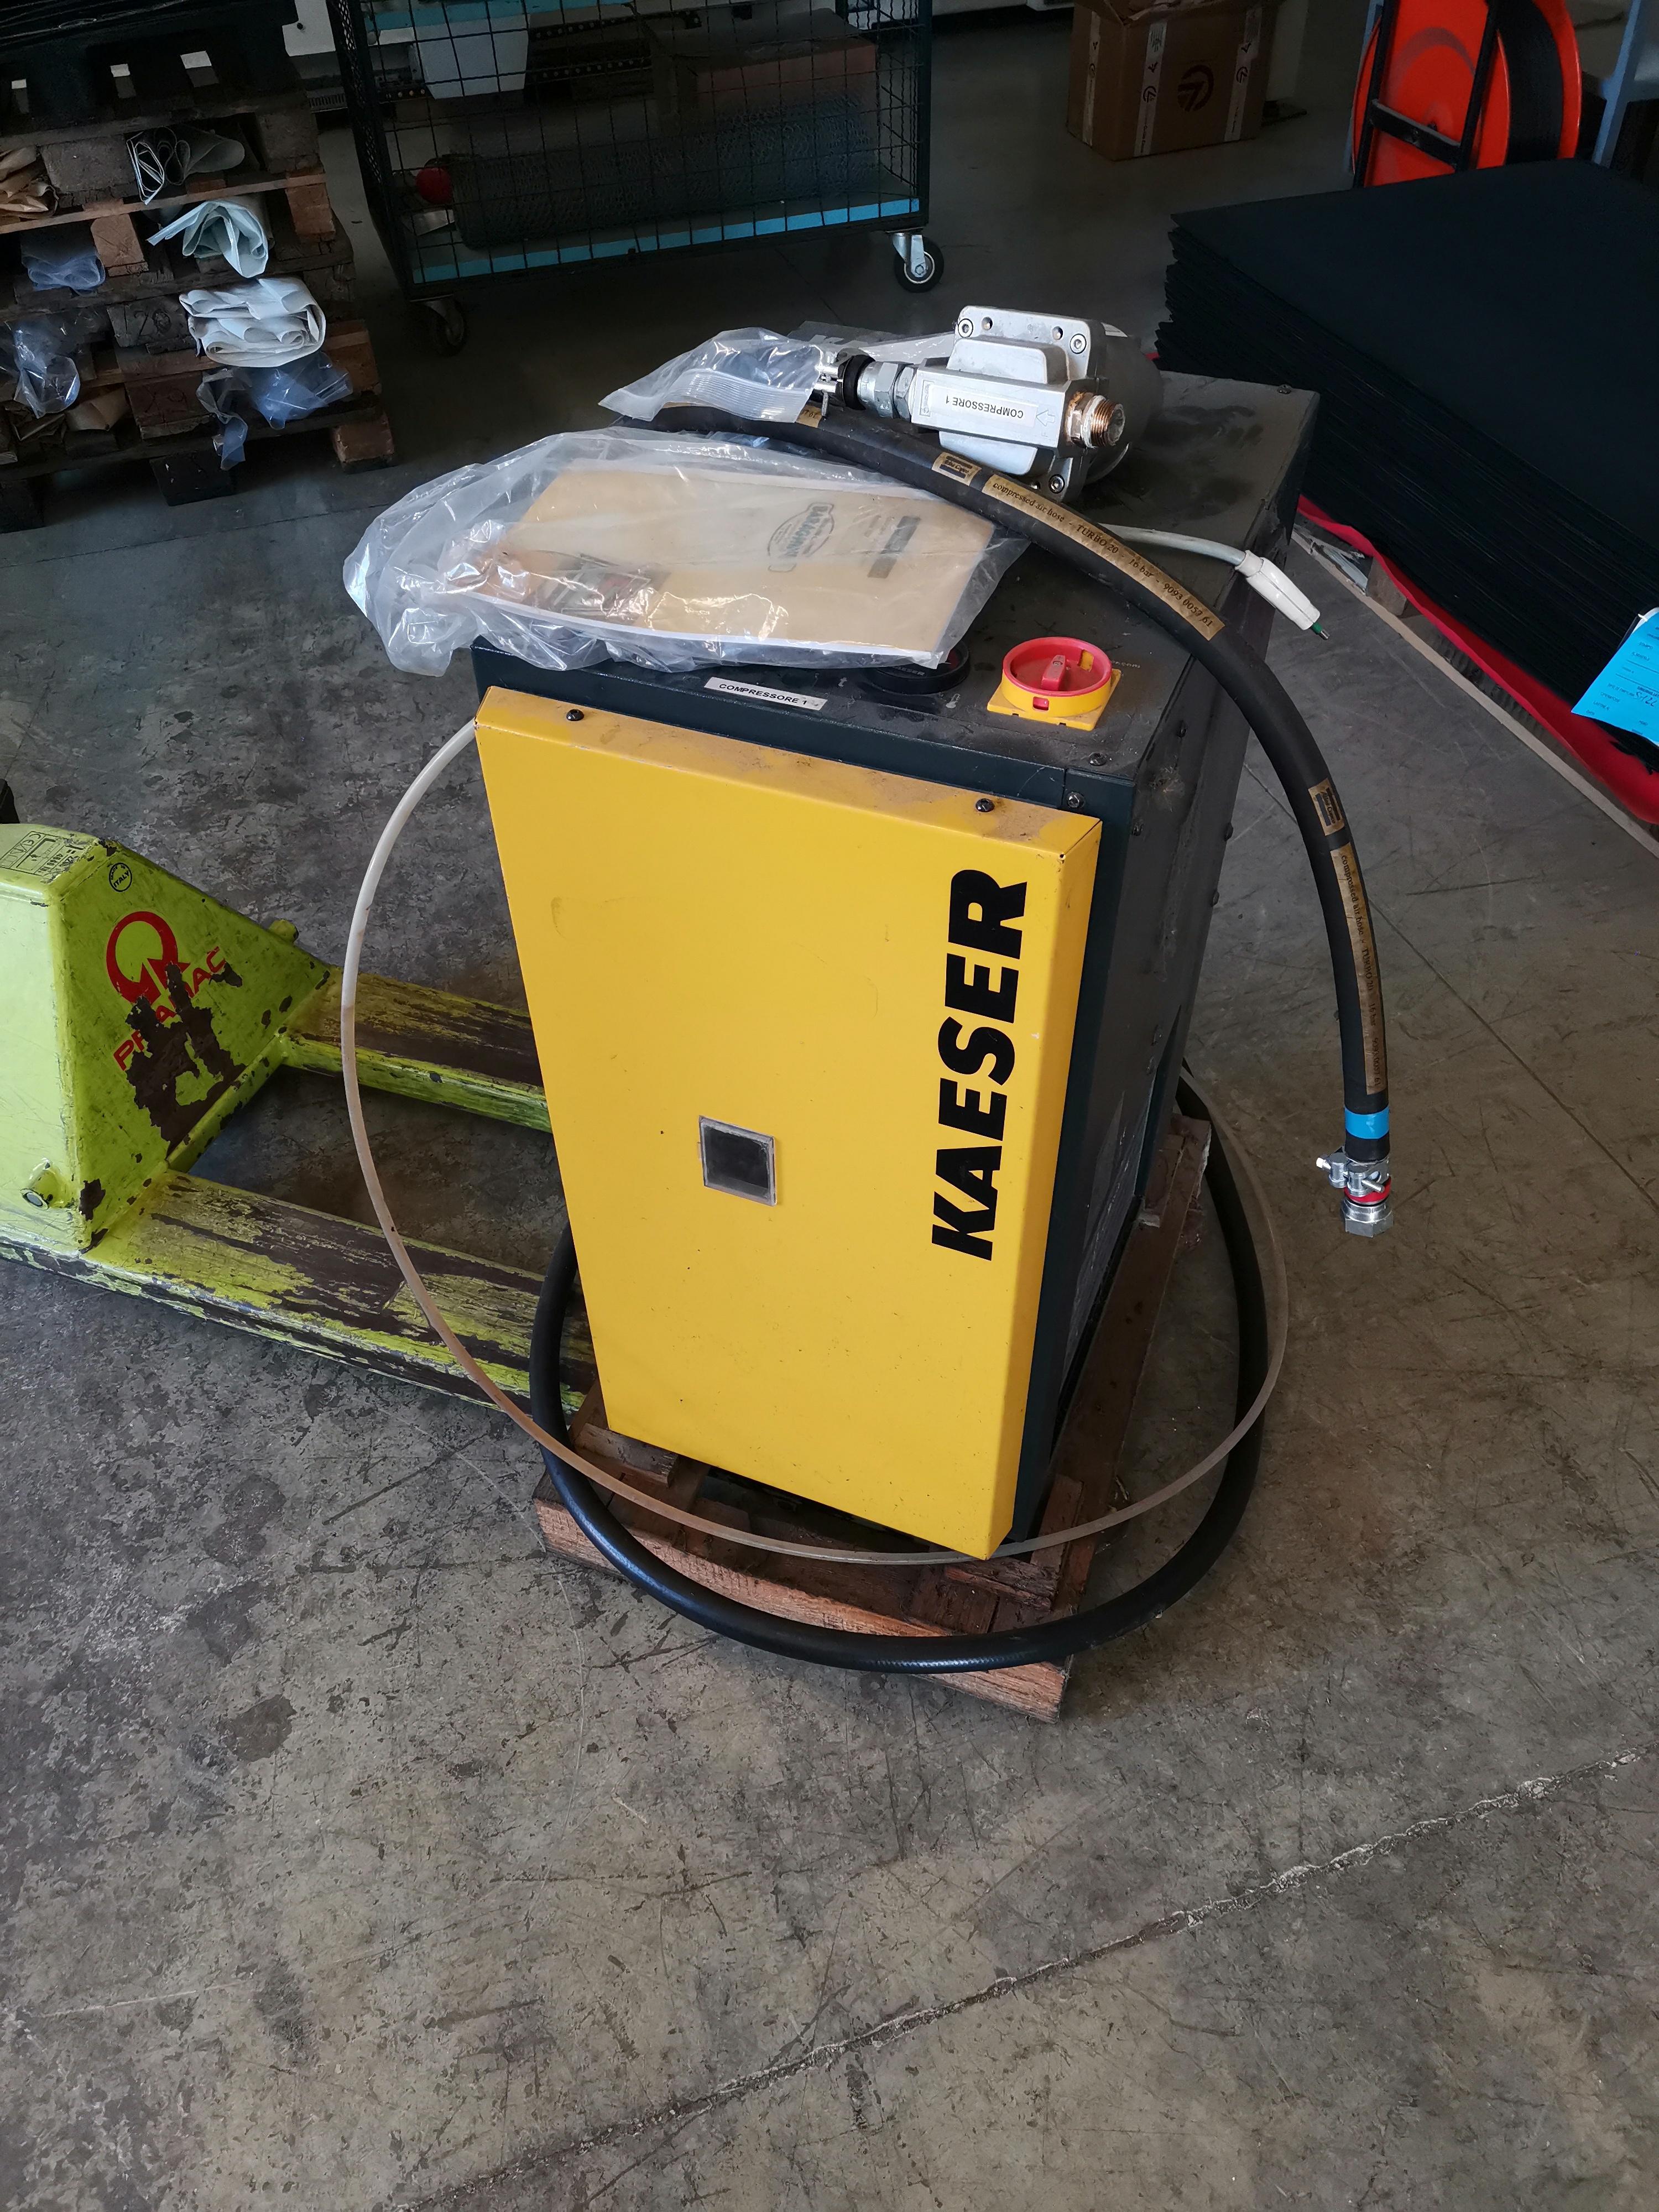 Essiccatore kaeser tch 22 in vendita - foto 1